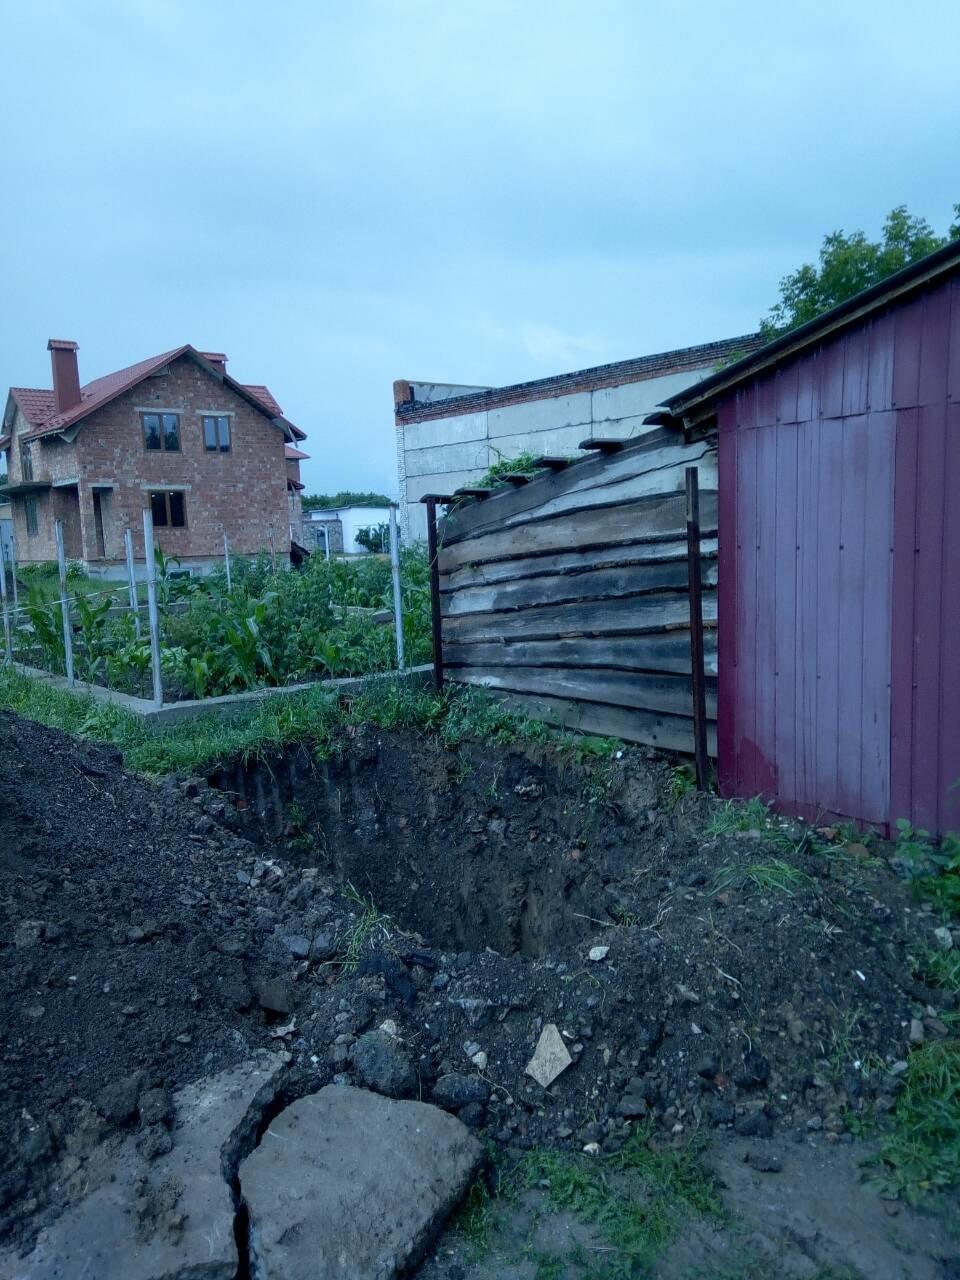 Будинок на тепломережі залишив без гарячого водопостачання увесь житловий мікрорайон, фото-1